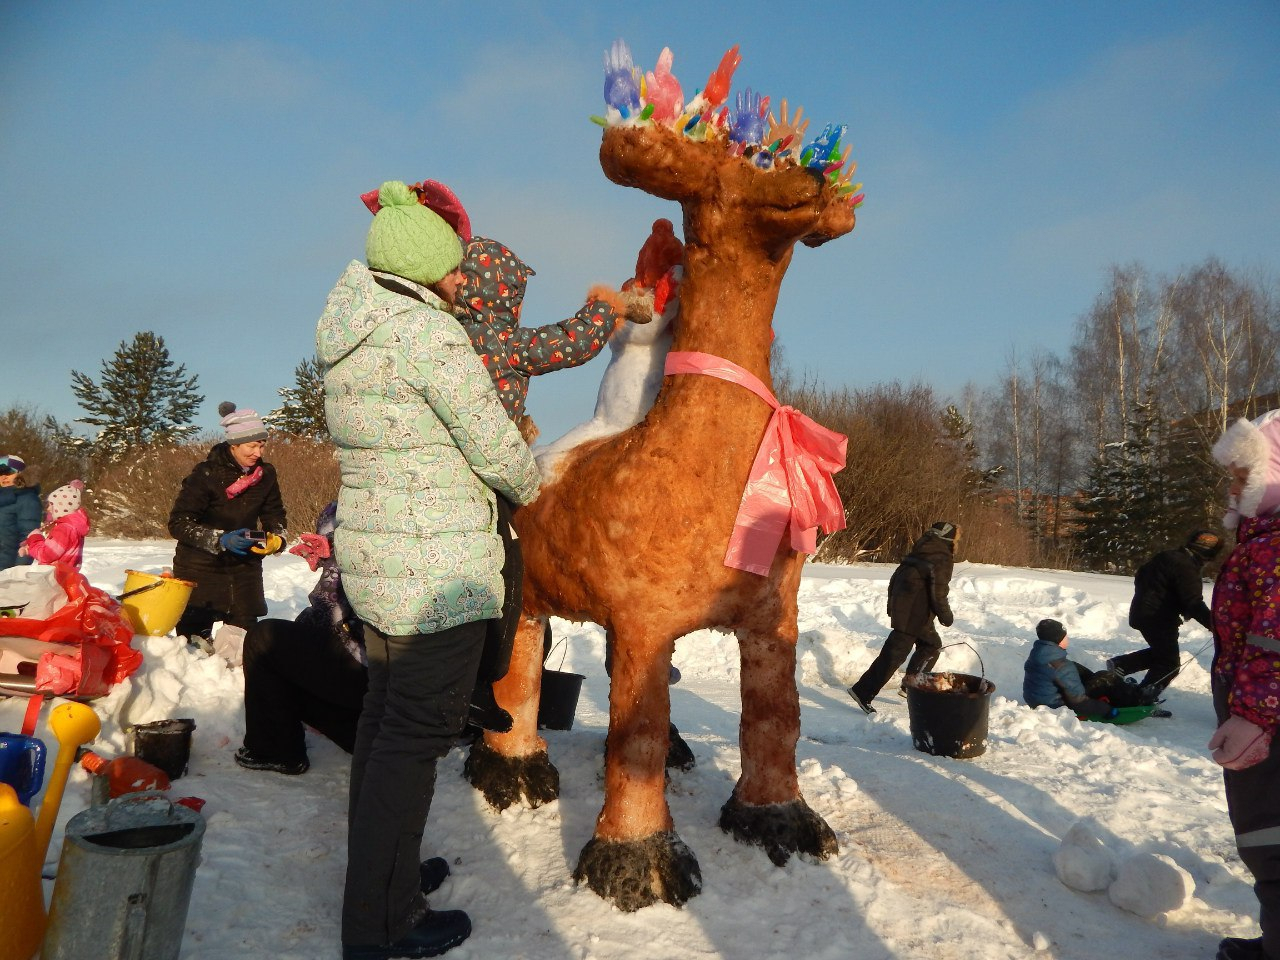 Стартовал прием заявок на общегородской конкурс снеговиков в Чепецке